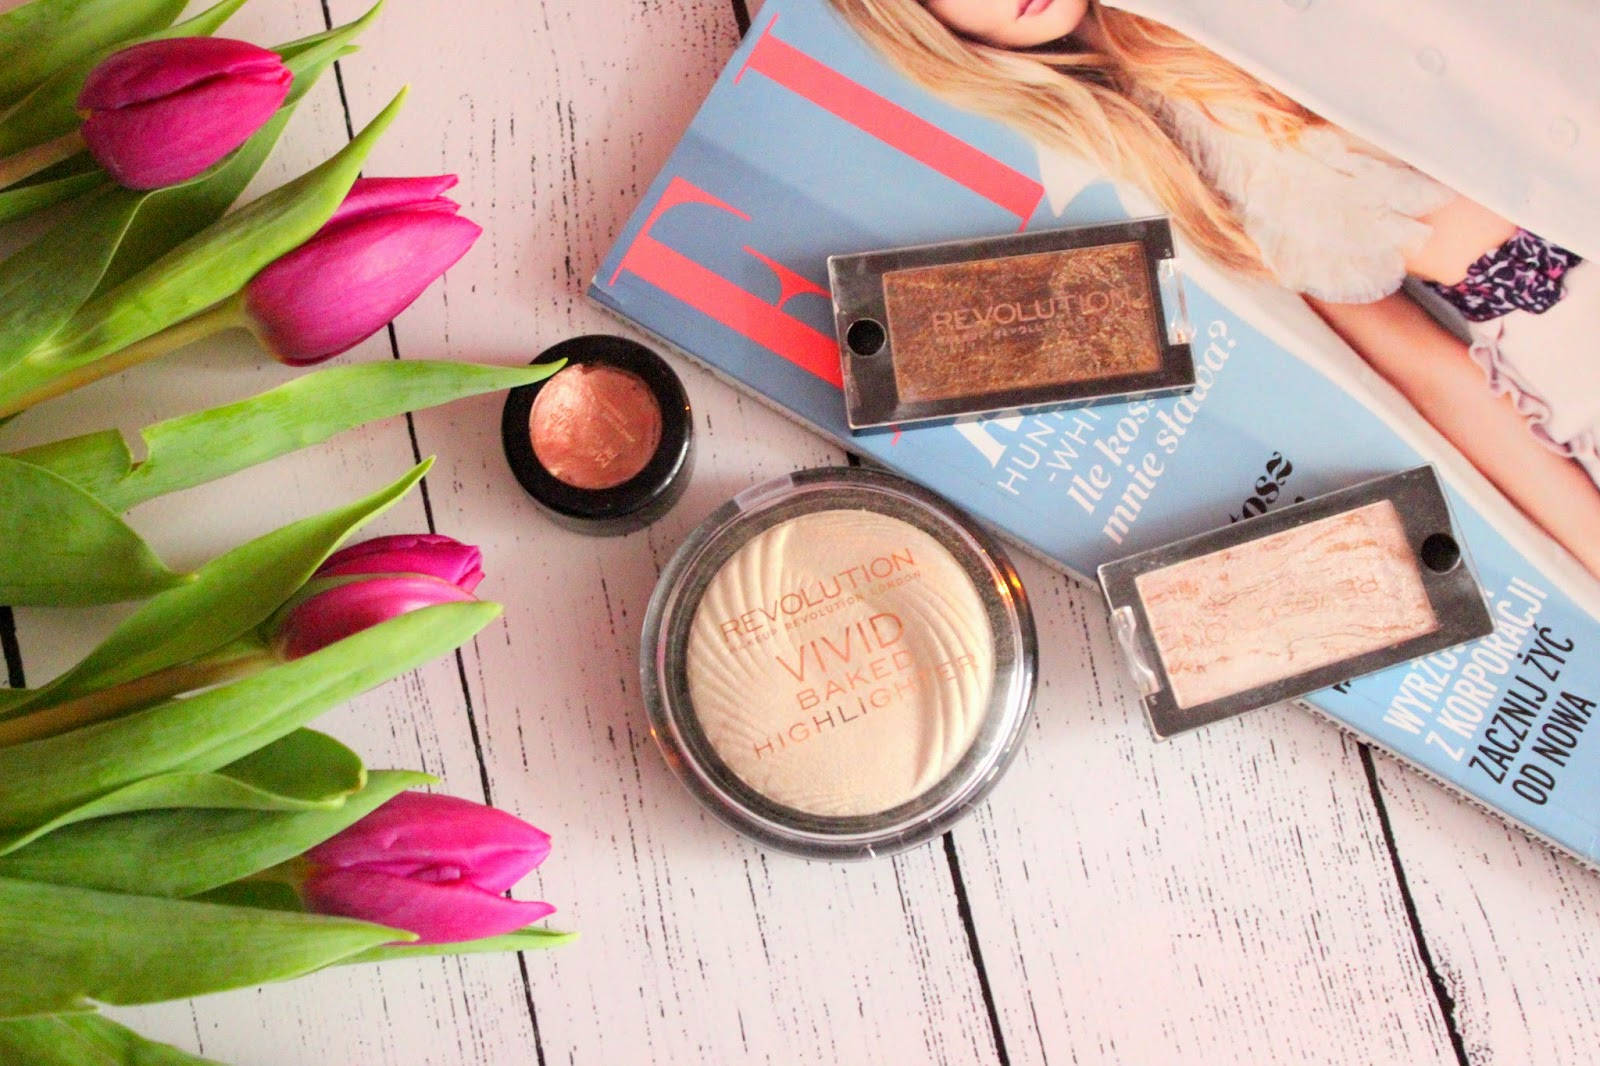 I Love Makeup Revolution - czyli jak umalować się za niewielkie pieniądze